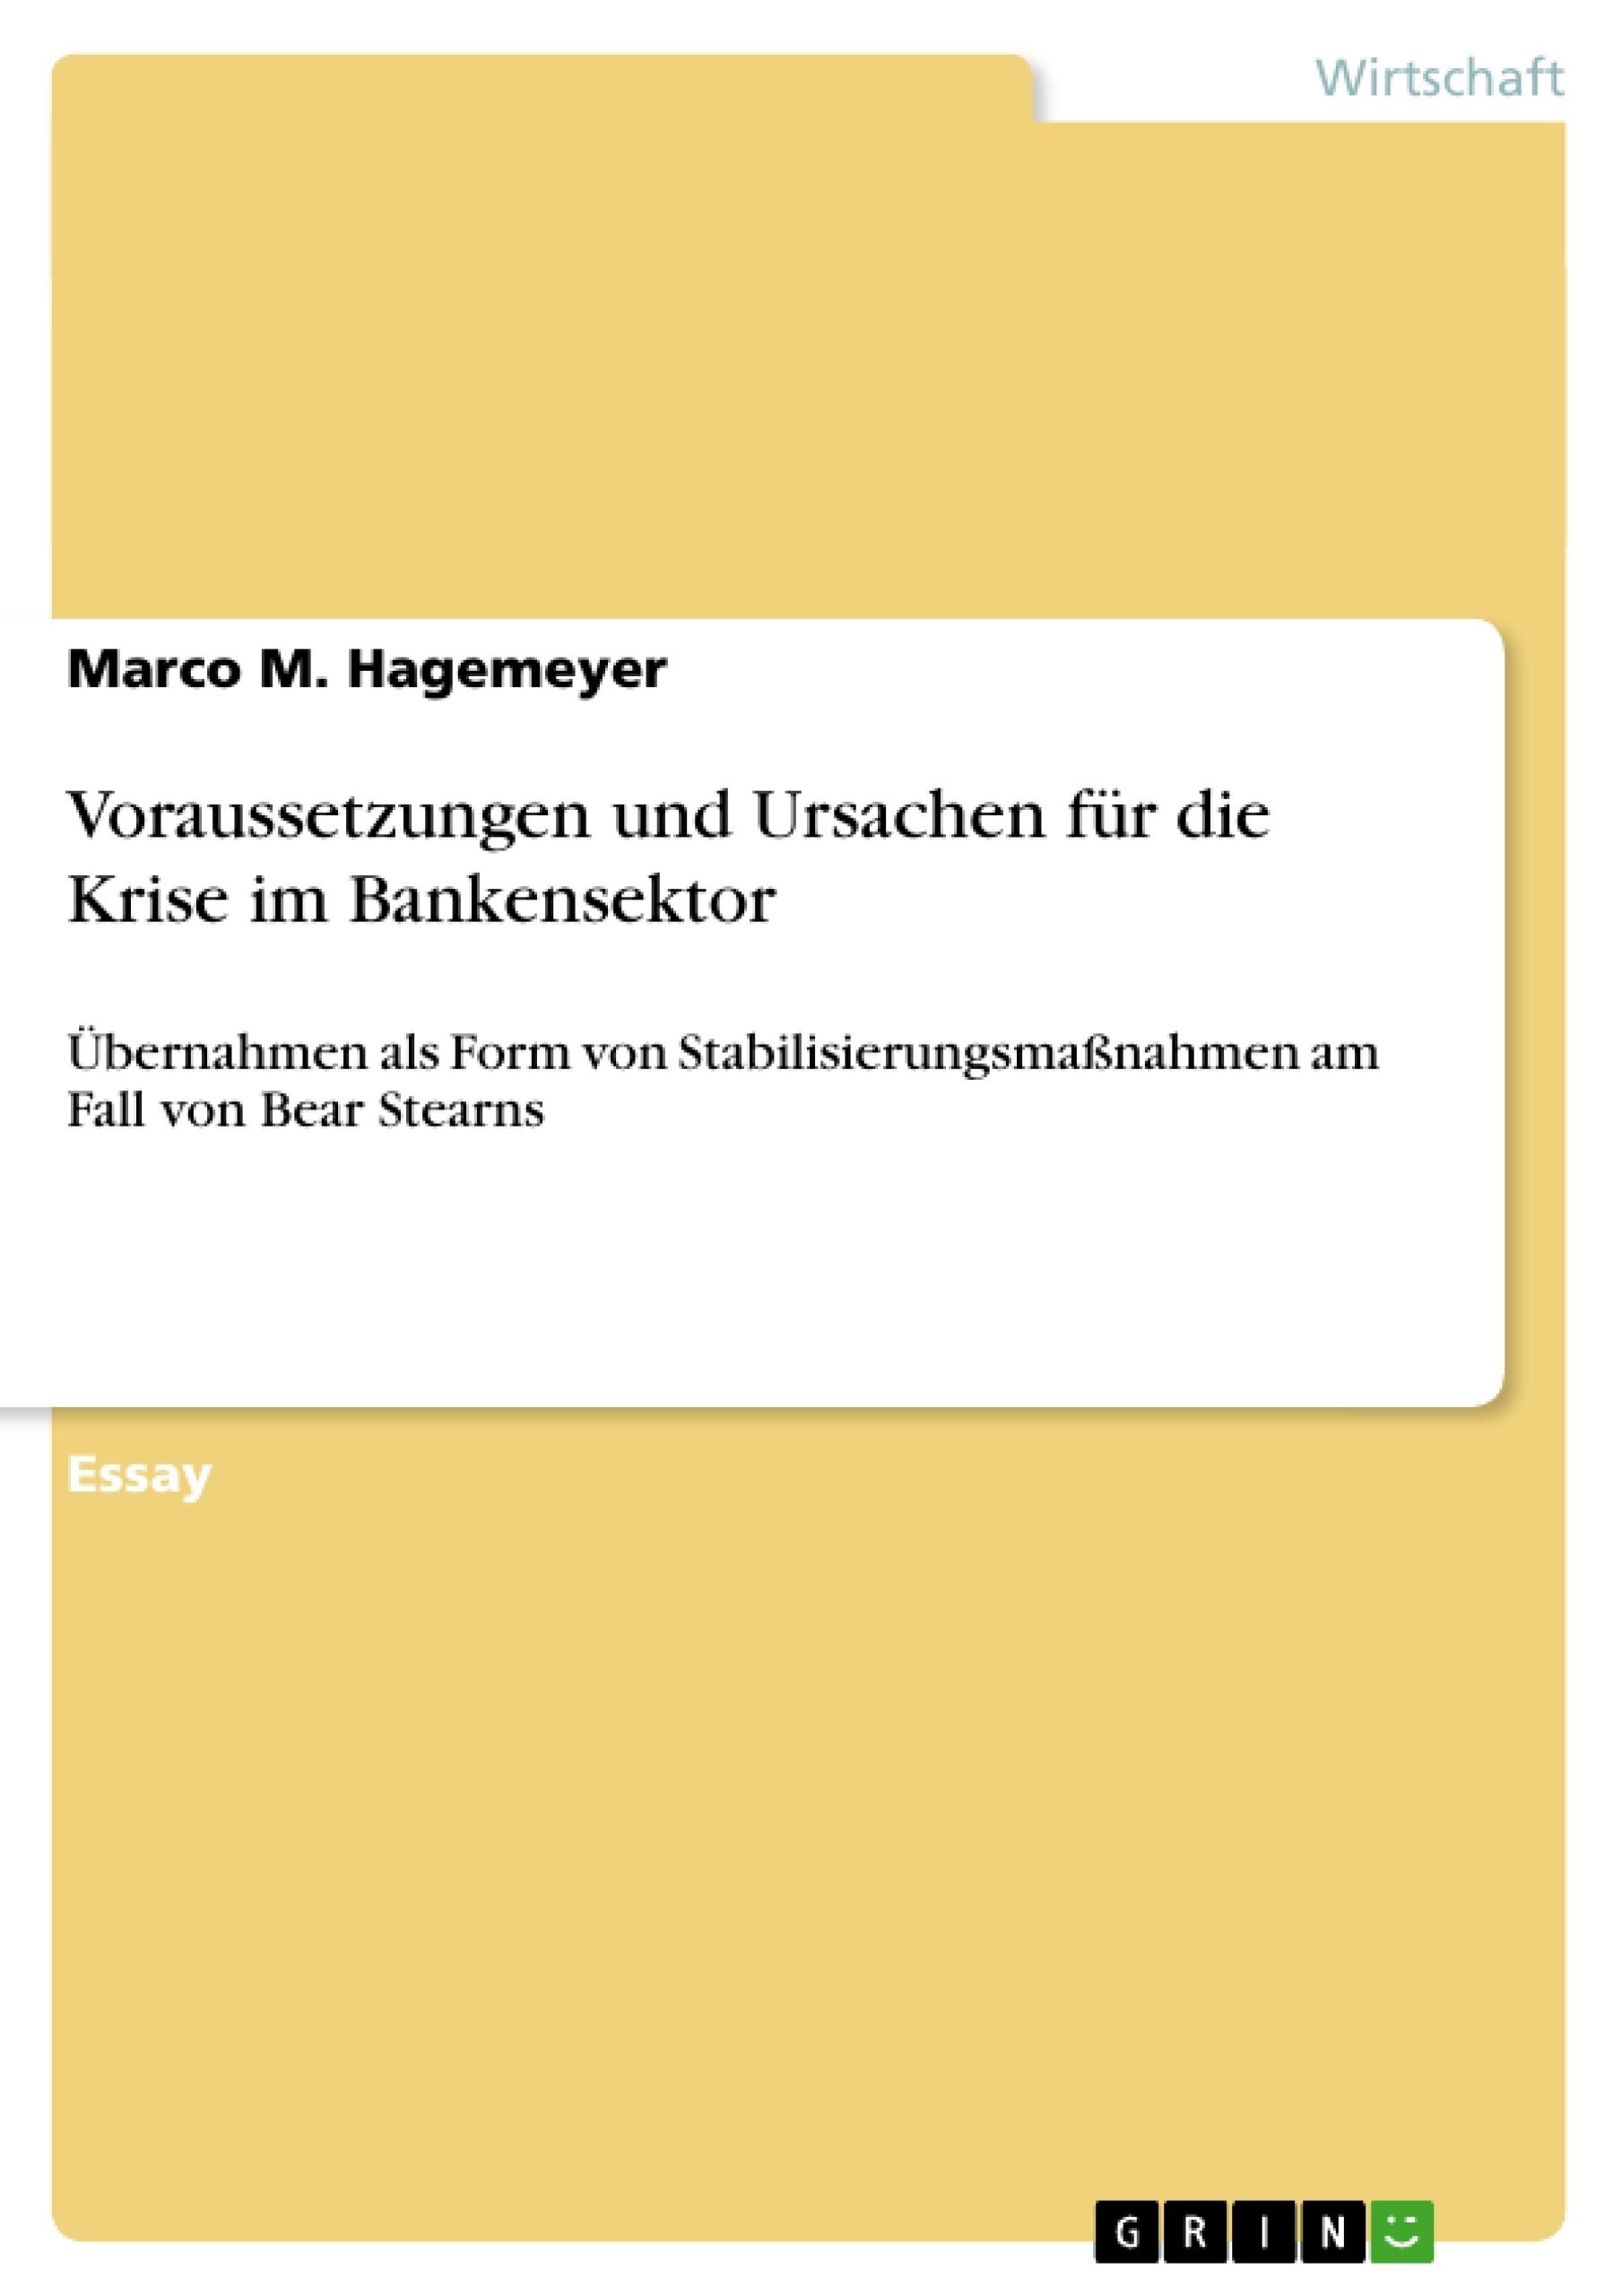 Titel: Voraussetzungen und Ursachen für die Krise im Bankensektor